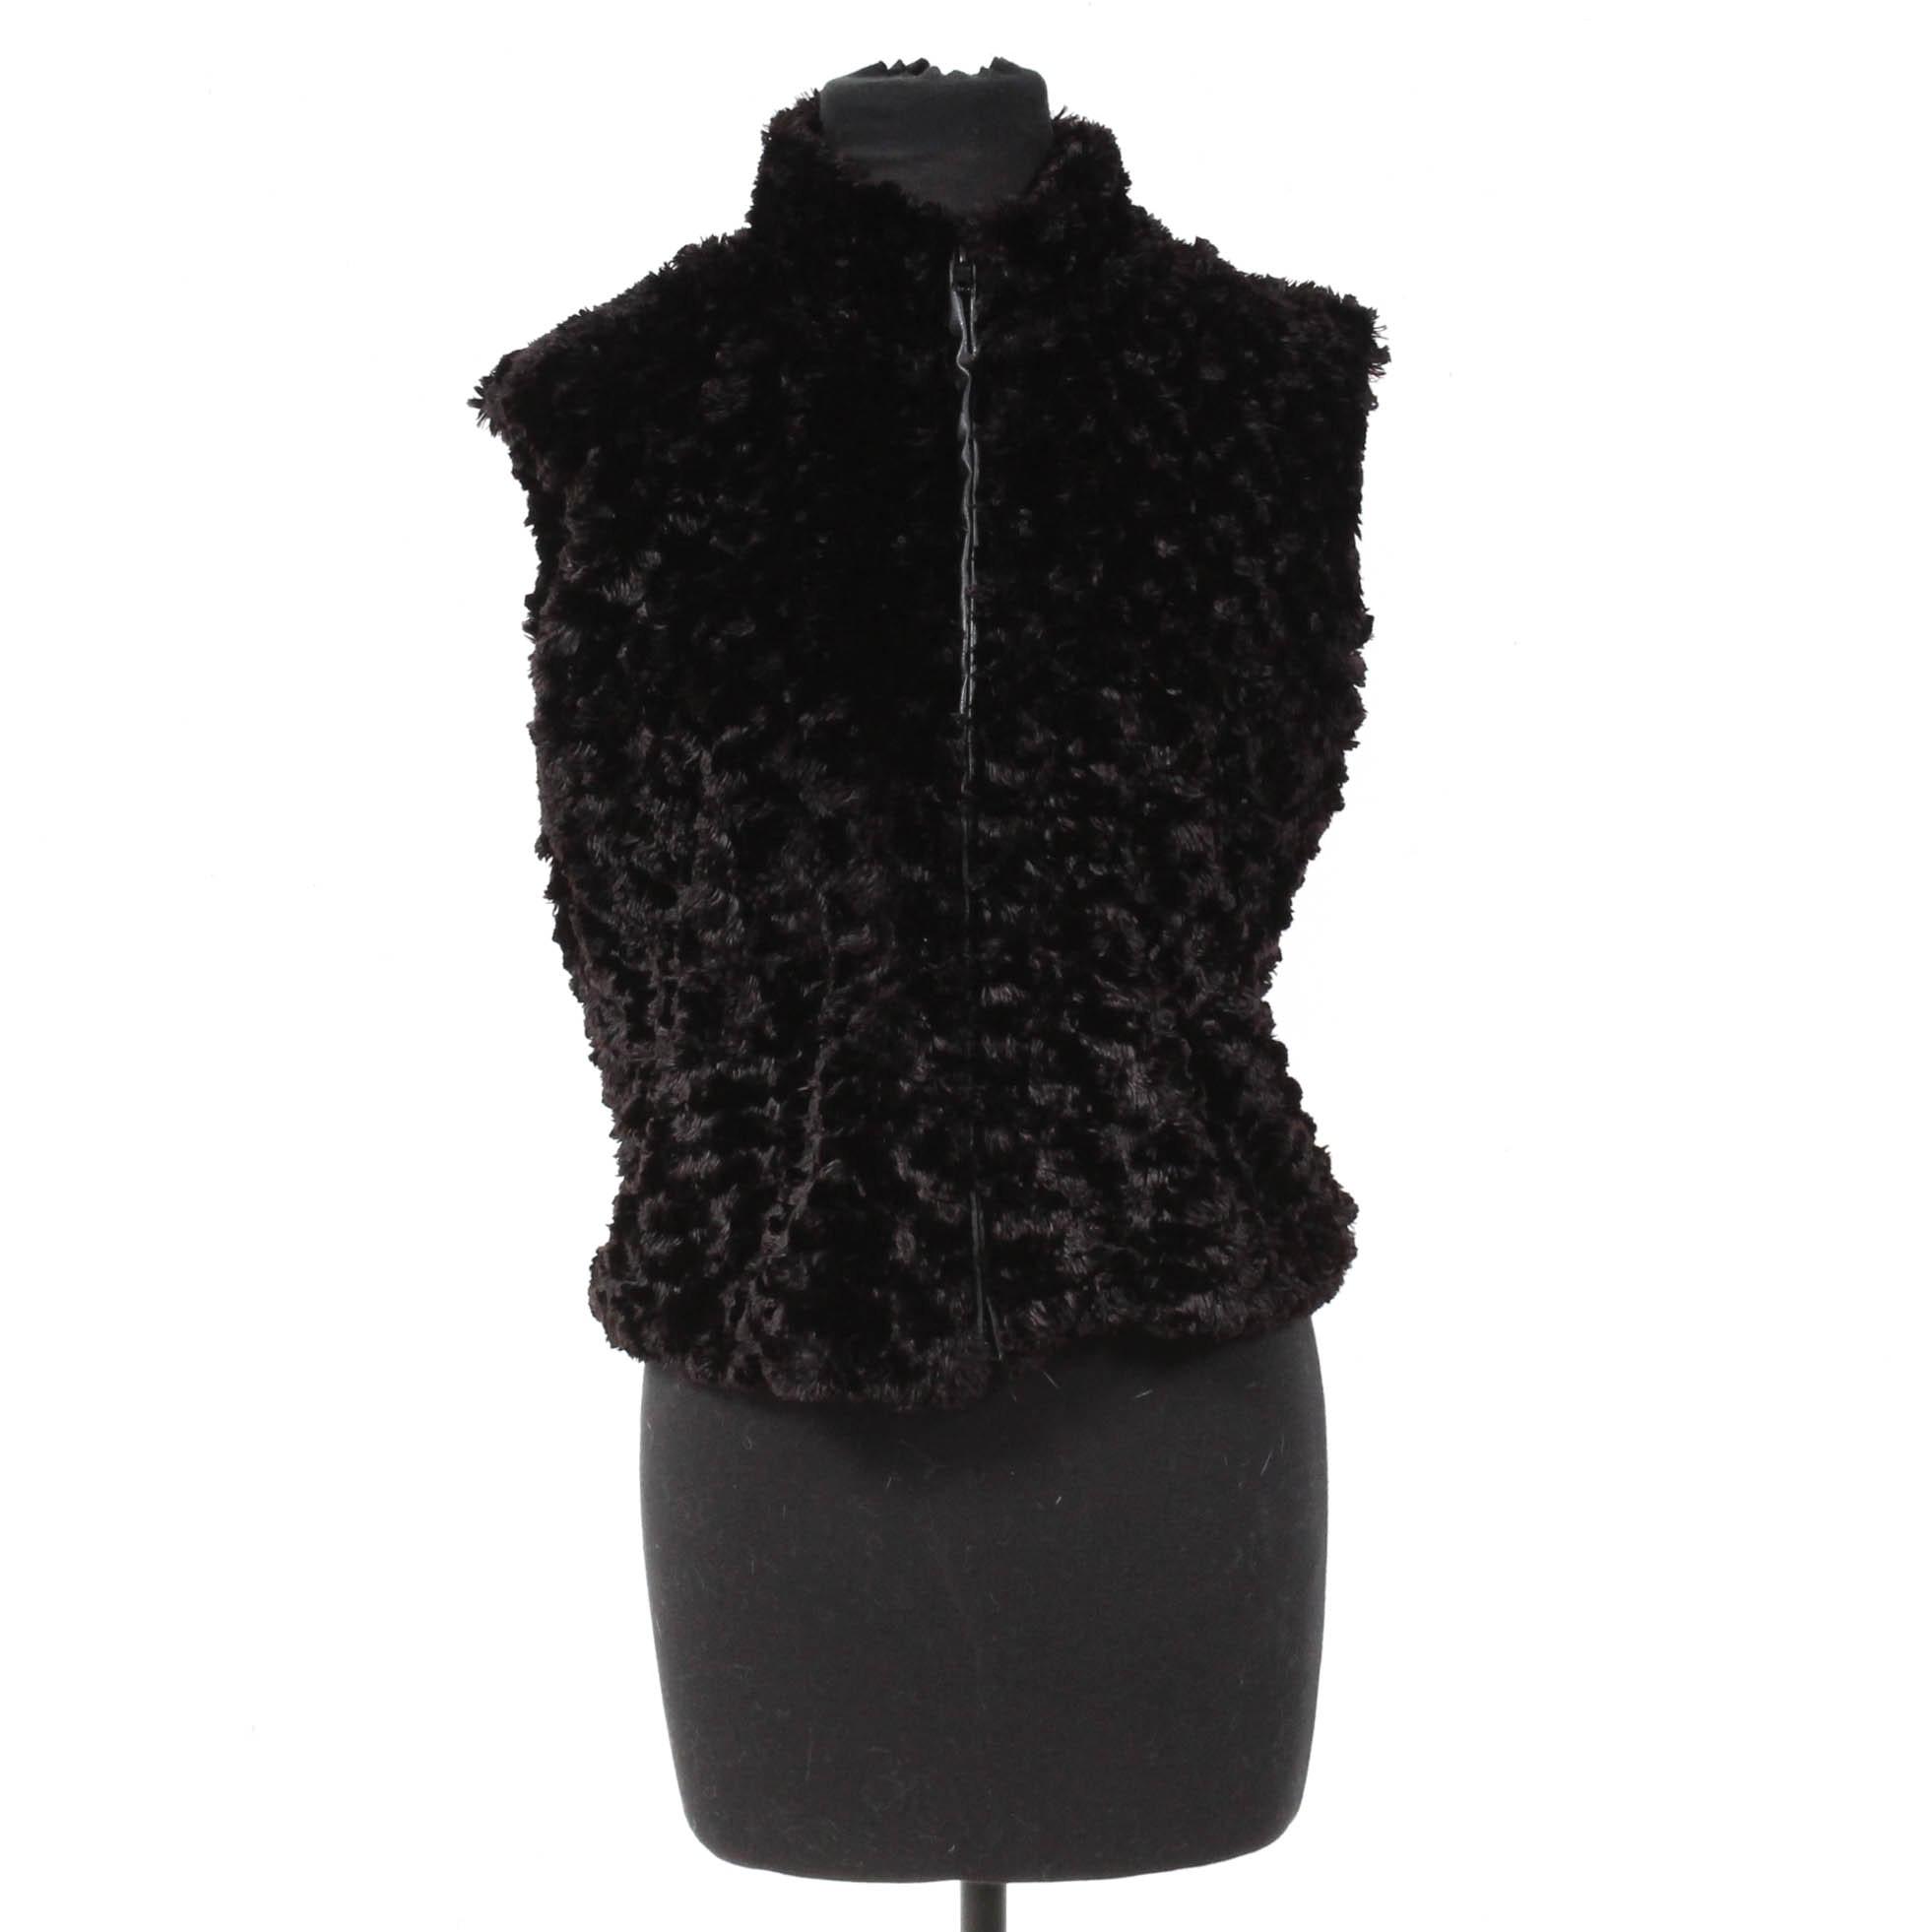 Cejon Accessories Inc. Black Faux Fur Zip-Up Vest